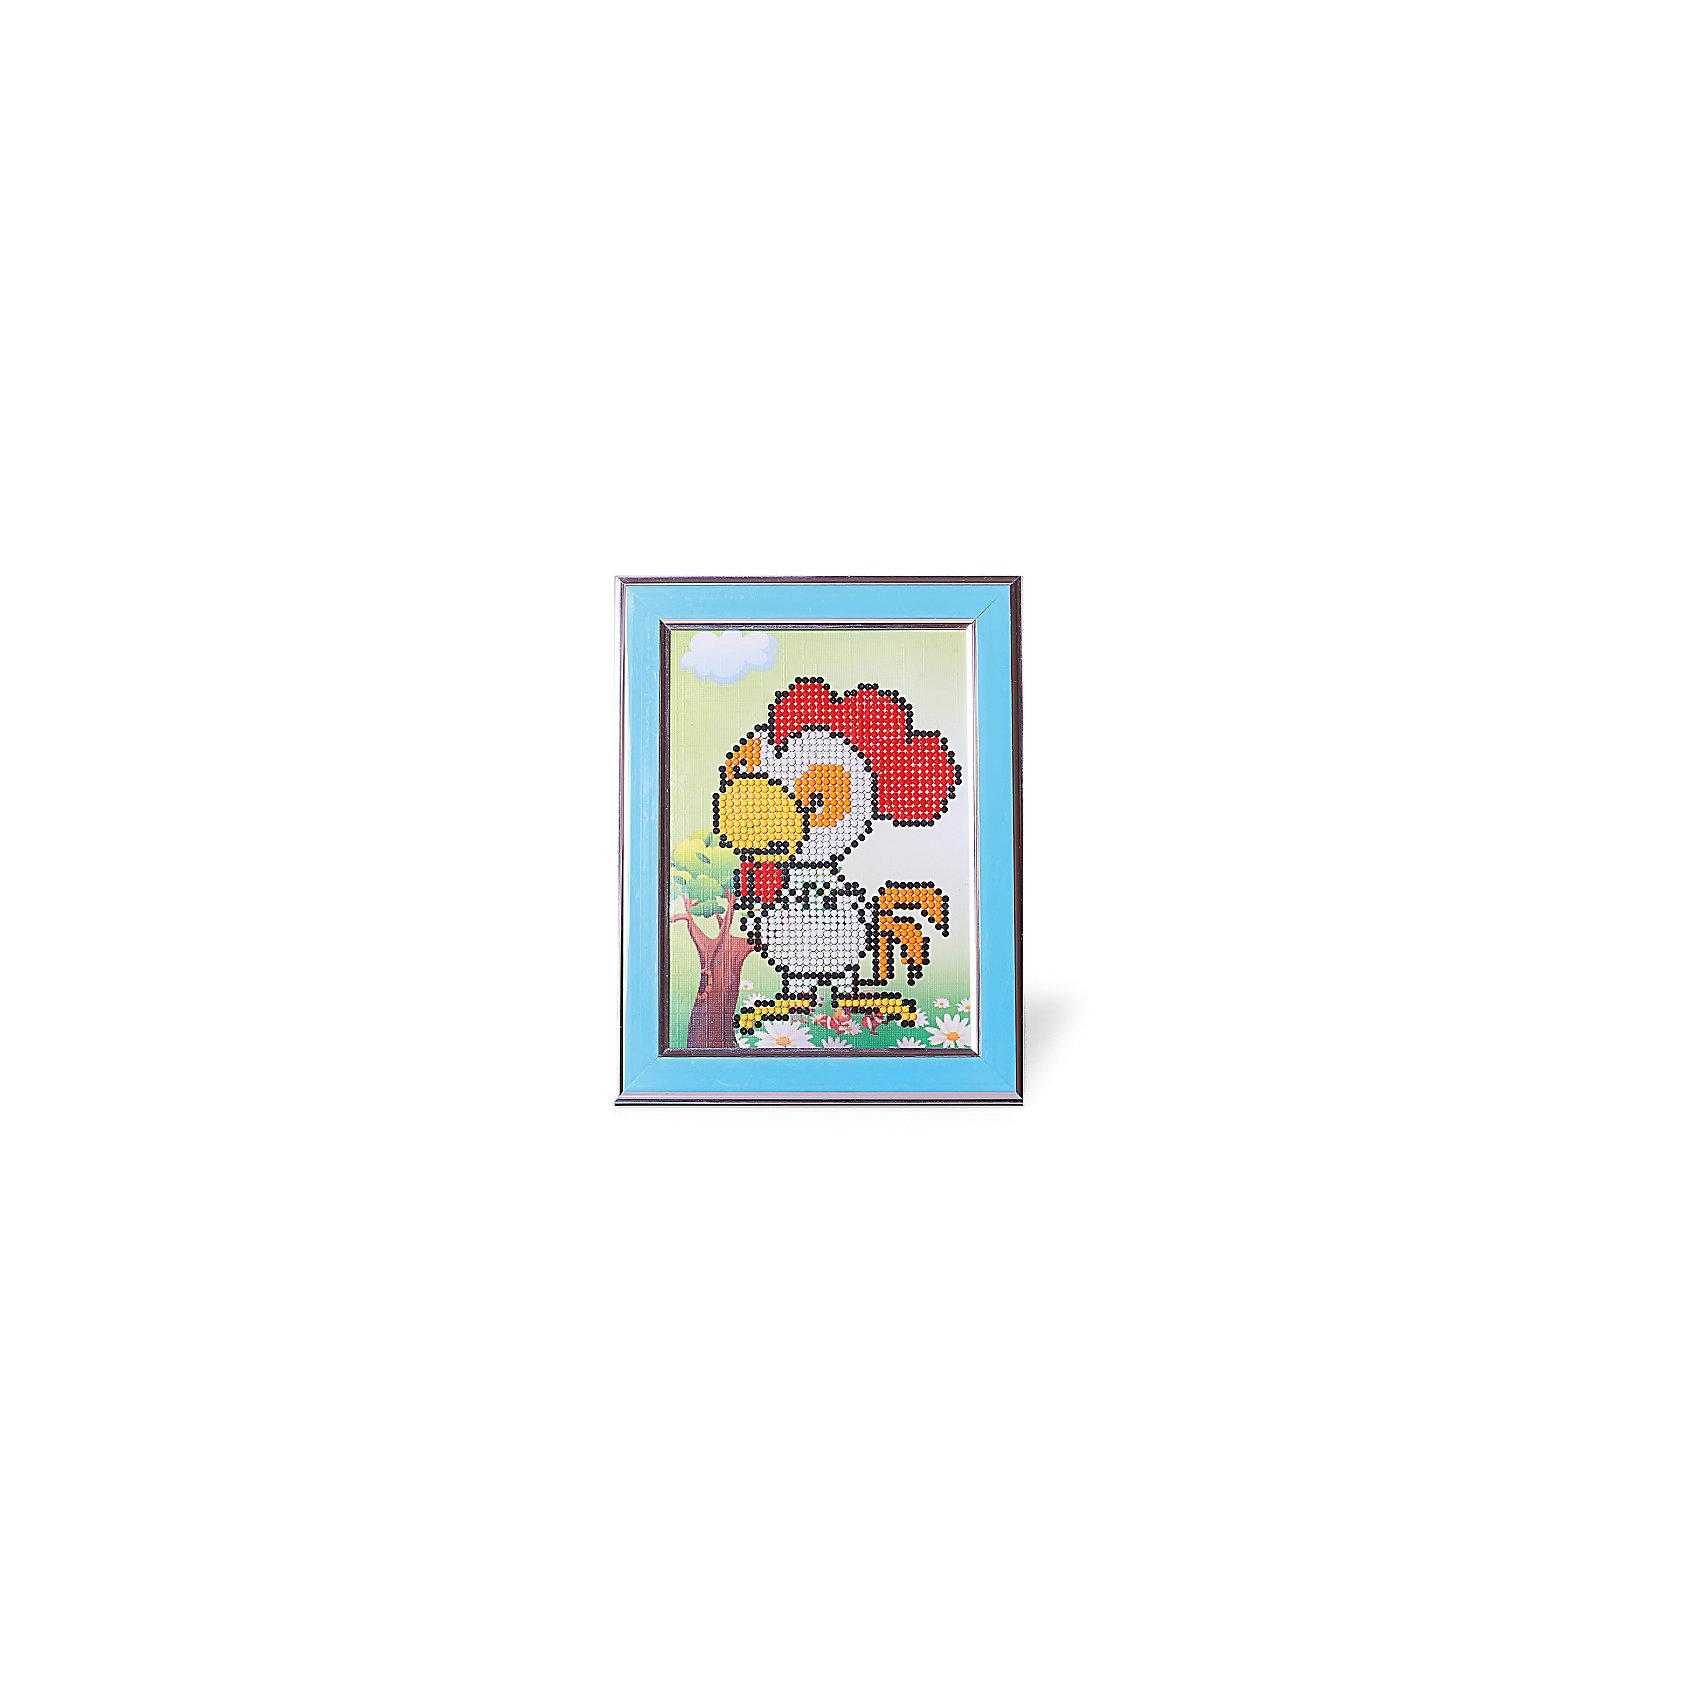 Картины мозаикой Петушок, 5 цветовМозаика<br>Картины мозаикой Петушок, 5 цветов.<br><br>Характеристики:<br><br>• Для детей в возрасте: от 7 лет<br>• В наборе: трафарет из плотного картона с клеевым слоем и нанесенной схемой рисунка, декоративная пластиковая рамка с безопасным защитным оргстеклом, пластиковый контейнер для элементов мозаики, подложка для рамки с подставкой, специальный клеевой карандаш, комплект разноцветных круглых мозаичных элементов размером 2,5 мм.<br>• Количество цветов: 5<br>• Размер картины: 17х21 см.<br>• Площадь заполнения: частичная<br>• Уровень сложности: средний<br>• Размер упаковки: 23х19х3 см.<br><br>В этом наборе уже есть все для создания маленького шедевра: разноцветные элементы мозаики, контейнер для мозаики, специальный карандаш с клеем, рамка с подставкой, защитное оргстекло, которое надежно сохранит готовую картину, и основа с клеевым слоем, на которую уже нанесен рисунок. Нужно лишь приклеить мозаичные элементы на основу с нанесенным контуром - и яркая картинка готова. Картина мозаикой, созданная своими руками, станет превосходным украшением детской комнаты, а также послужит замечательным подарком родным и близким.<br><br>Картину мозаикой Петушок, 5 цветов можно купить в нашем интернет-магазине.<br><br>Ширина мм: 180<br>Глубина мм: 230<br>Высота мм: 300<br>Вес г: 250<br>Возраст от месяцев: 84<br>Возраст до месяцев: 2147483647<br>Пол: Унисекс<br>Возраст: Детский<br>SKU: 5519363